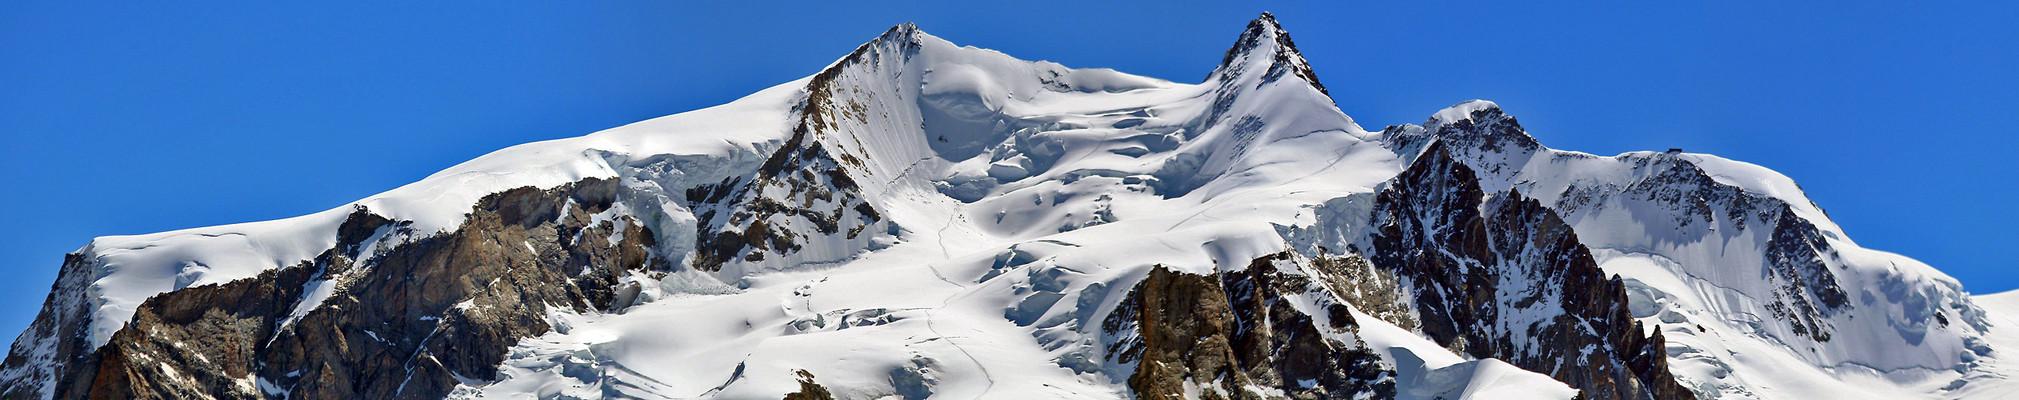 Monte-Rosa-weihnachtspano vom Gipfelbereich des mächtigsten Alpenberges neu gestitcht, ...